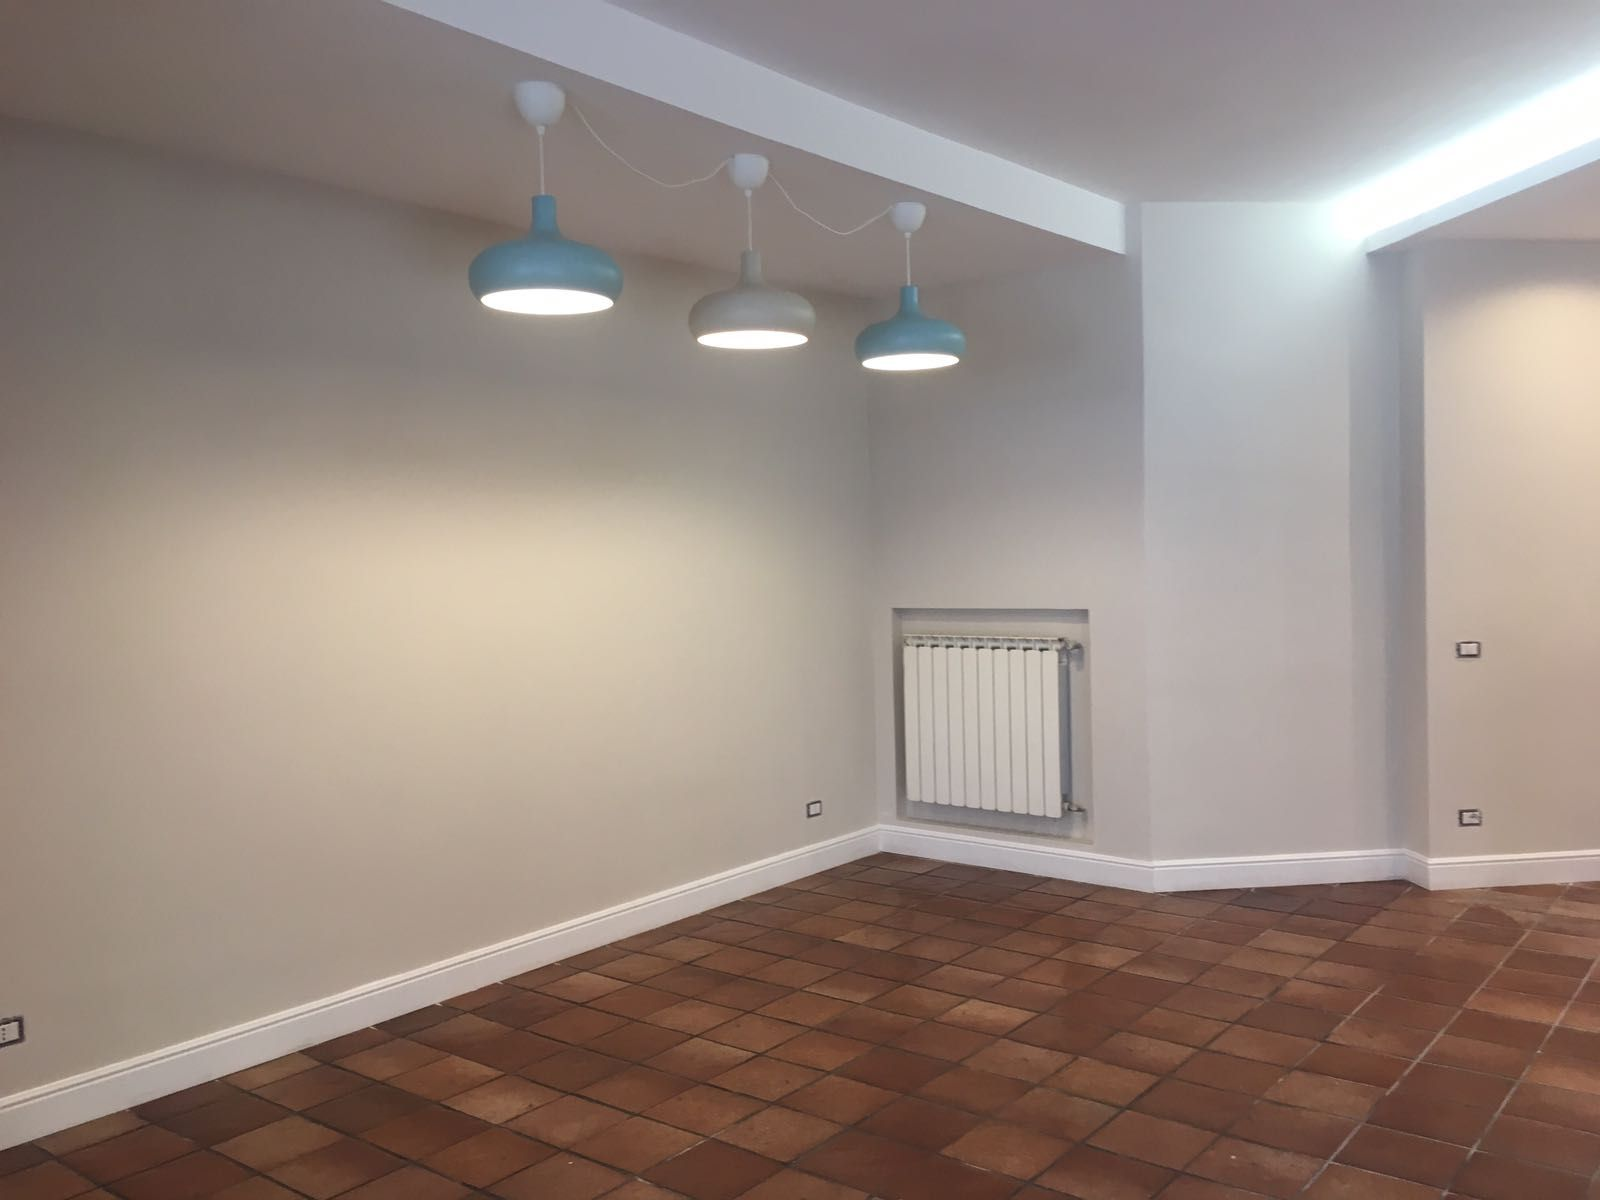 Pavimento Bianco Colore Pareti : Colore grigio pareti di casa con pavimento in cotto colori pareti